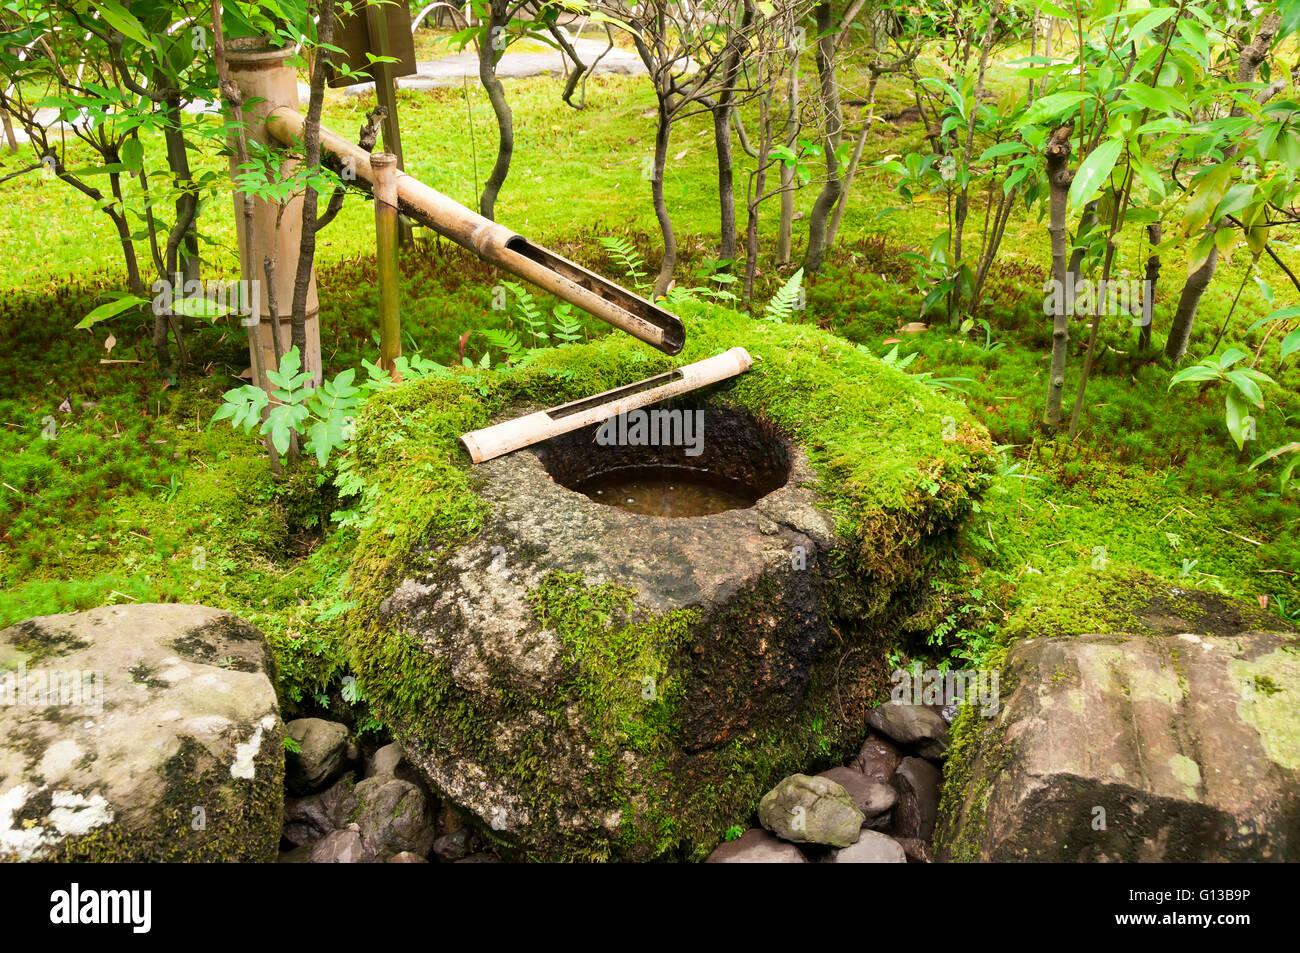 Japanische Brunnen Bambus Mit Moos Stockfoto Bild 103951618 Alamy